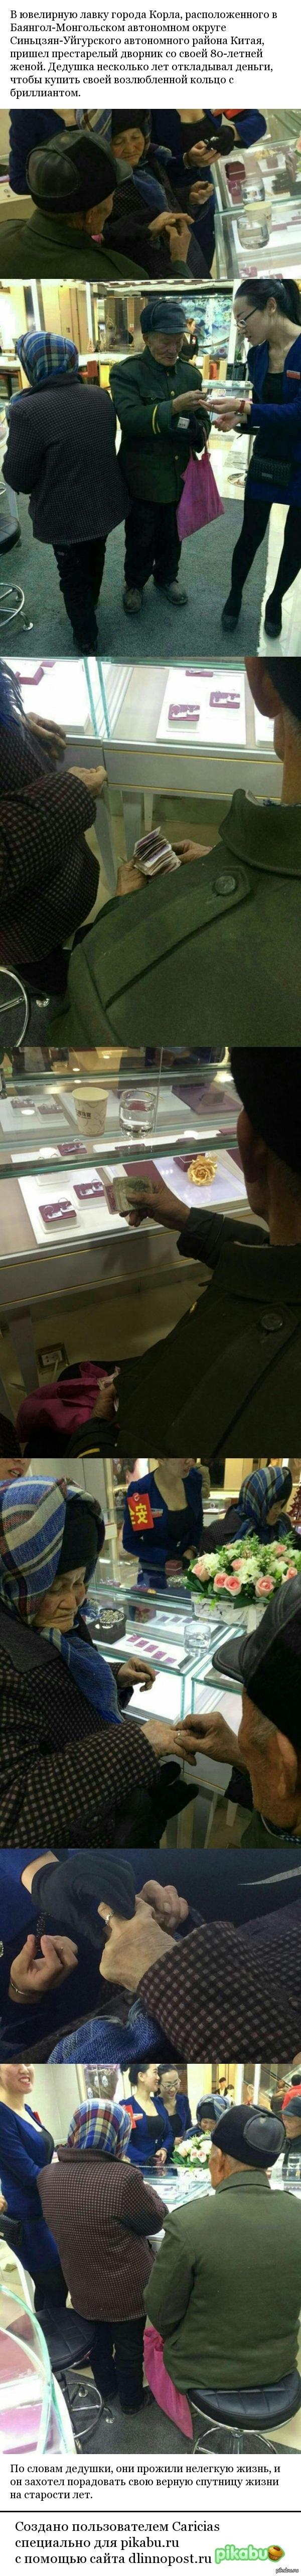 В Китае дворник купил 80-летней возлюбленной кольцо с бриллиантом По словам дедушки, они прожили нелегкую жизнь, и он захотел порадовать свою верную спутницу жизни на старости лет.